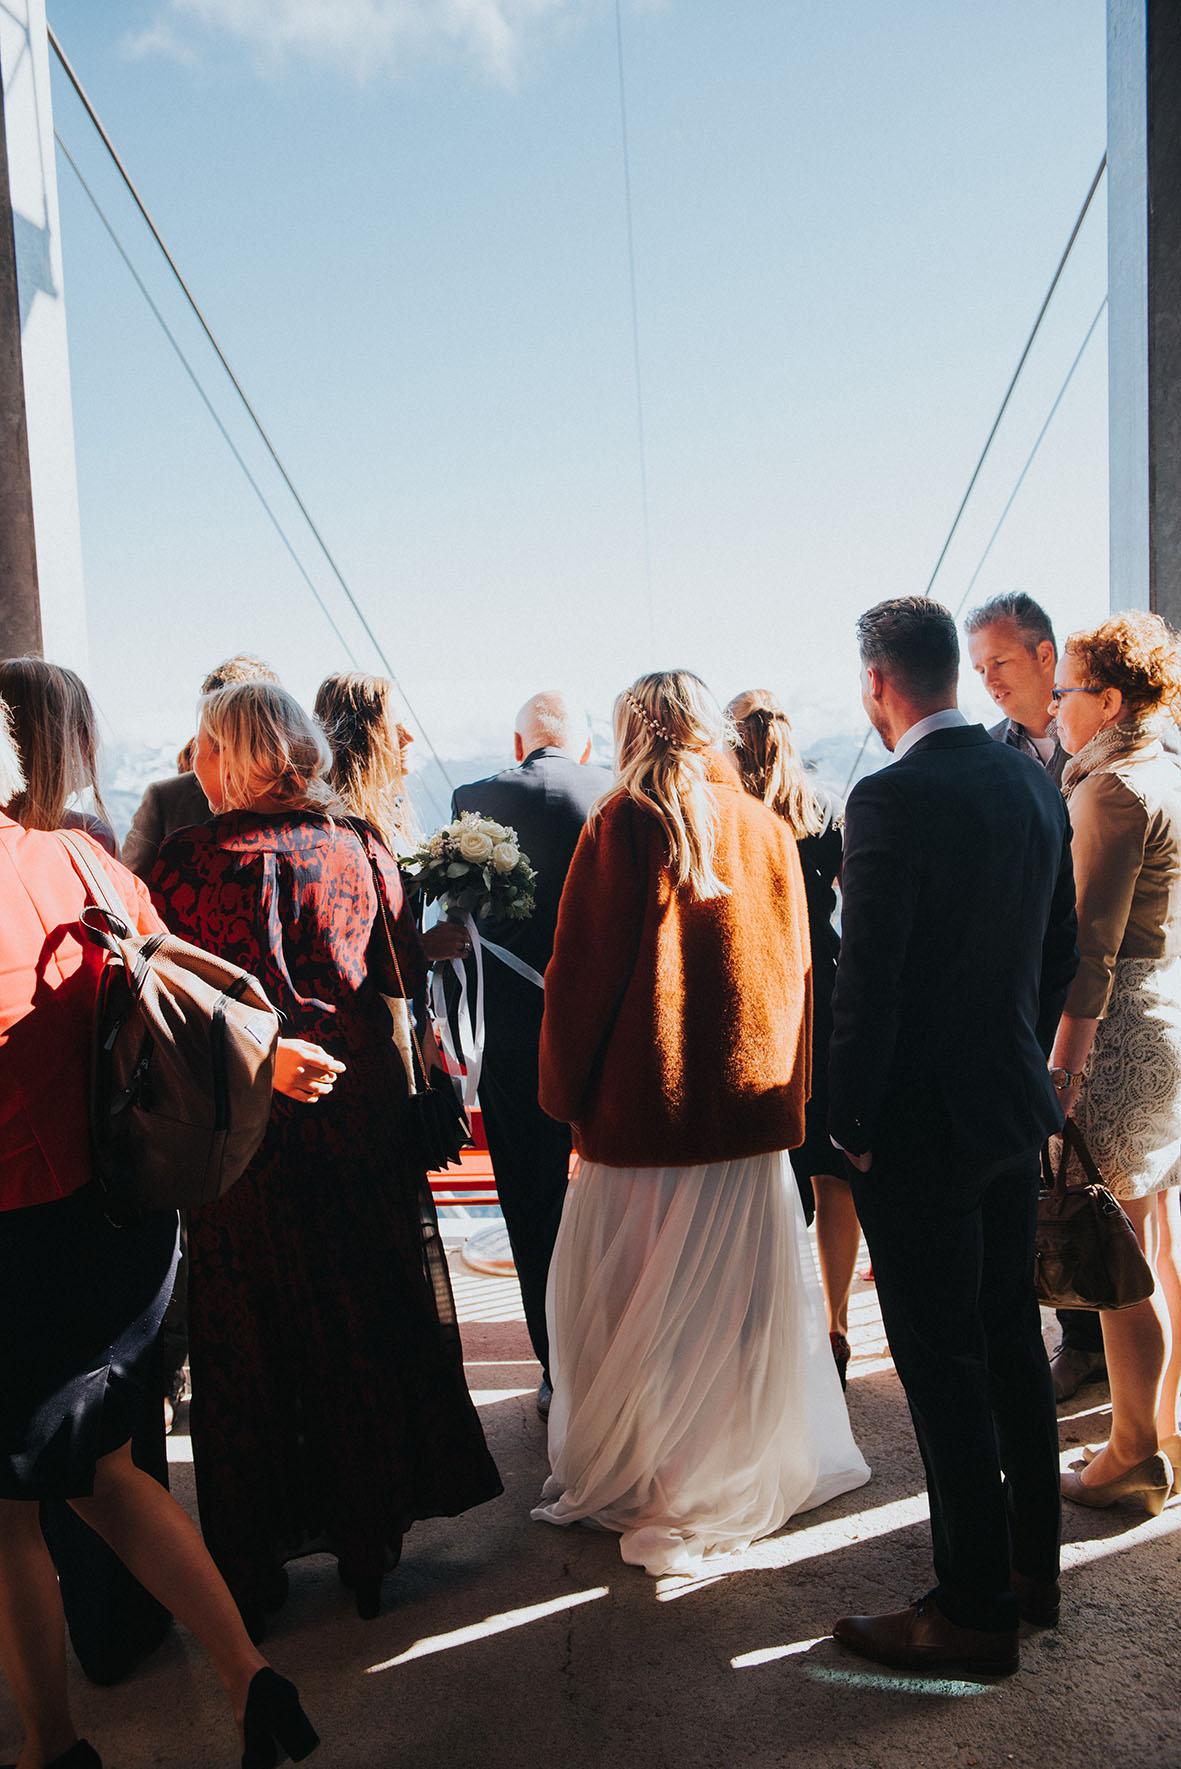 trouwfotograaf_nederland_limburg_bruiloft_boho_vintage_wedding_foodtruck_taart_bruid_bruidegom_buitenlandsebruiloft_bruidsfotograaf_Fiesch_Zwitserland_herfstbruiloft_fallwedding_trouwjurk_buitenceremonie_trouweninhetbuitenland